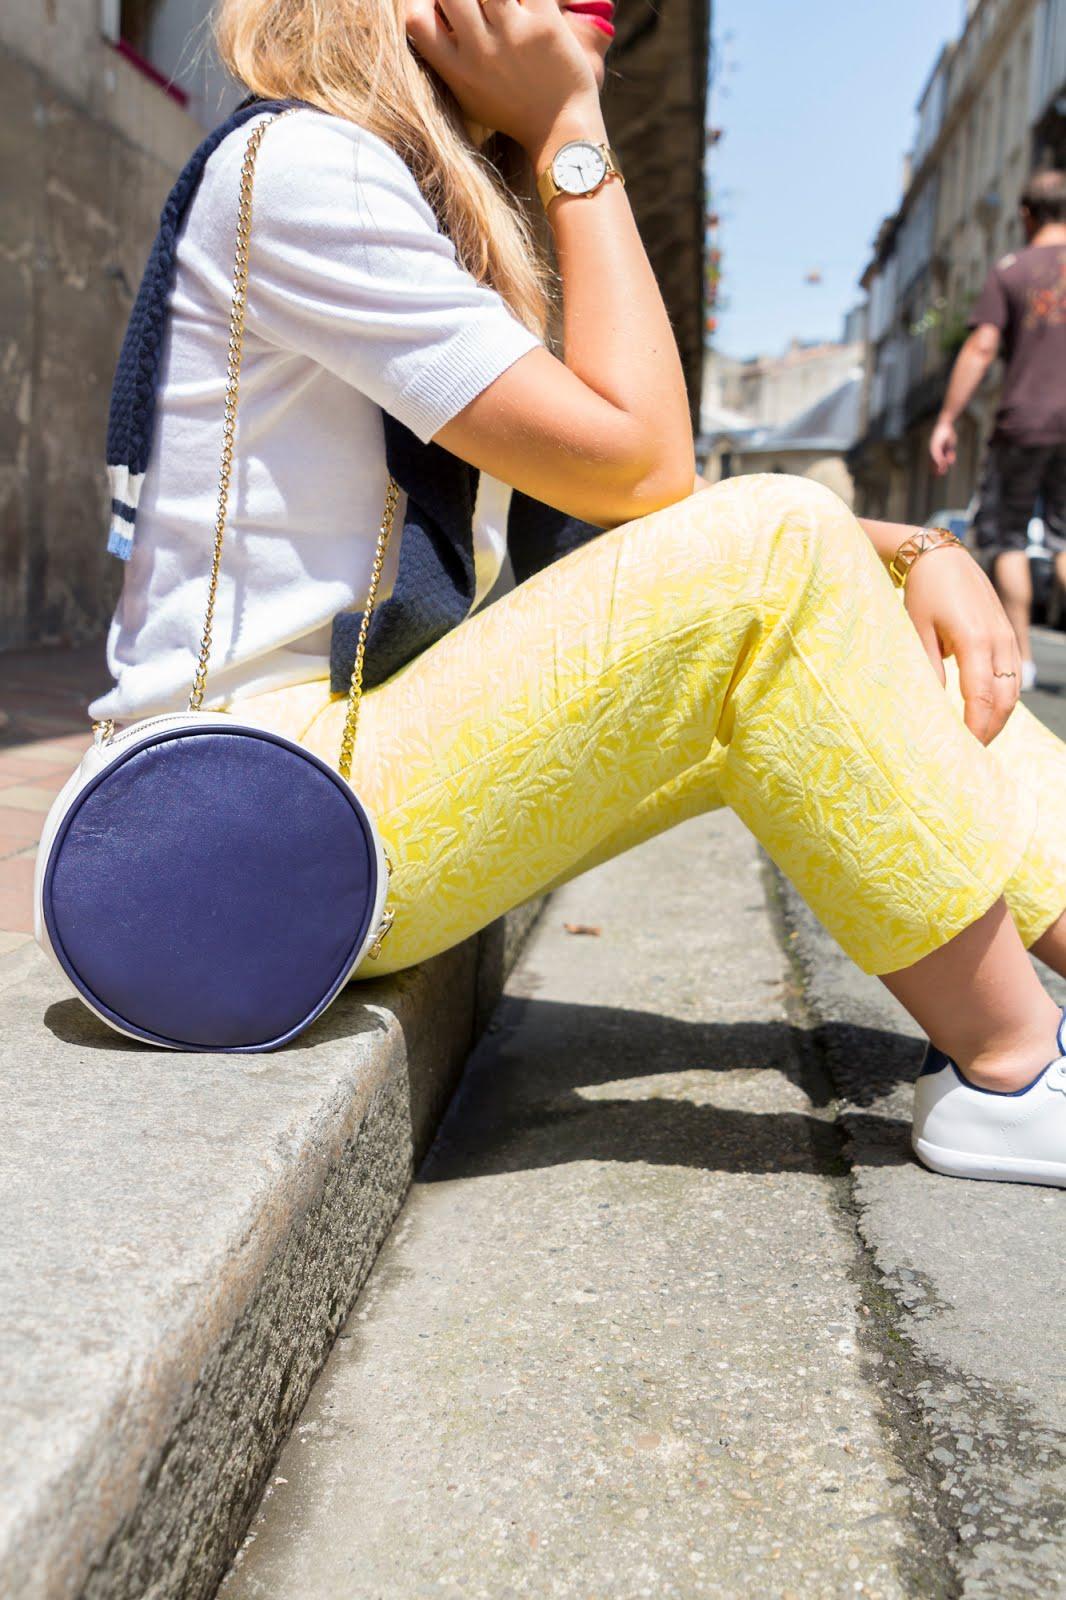 détails pantalon jaune brocard